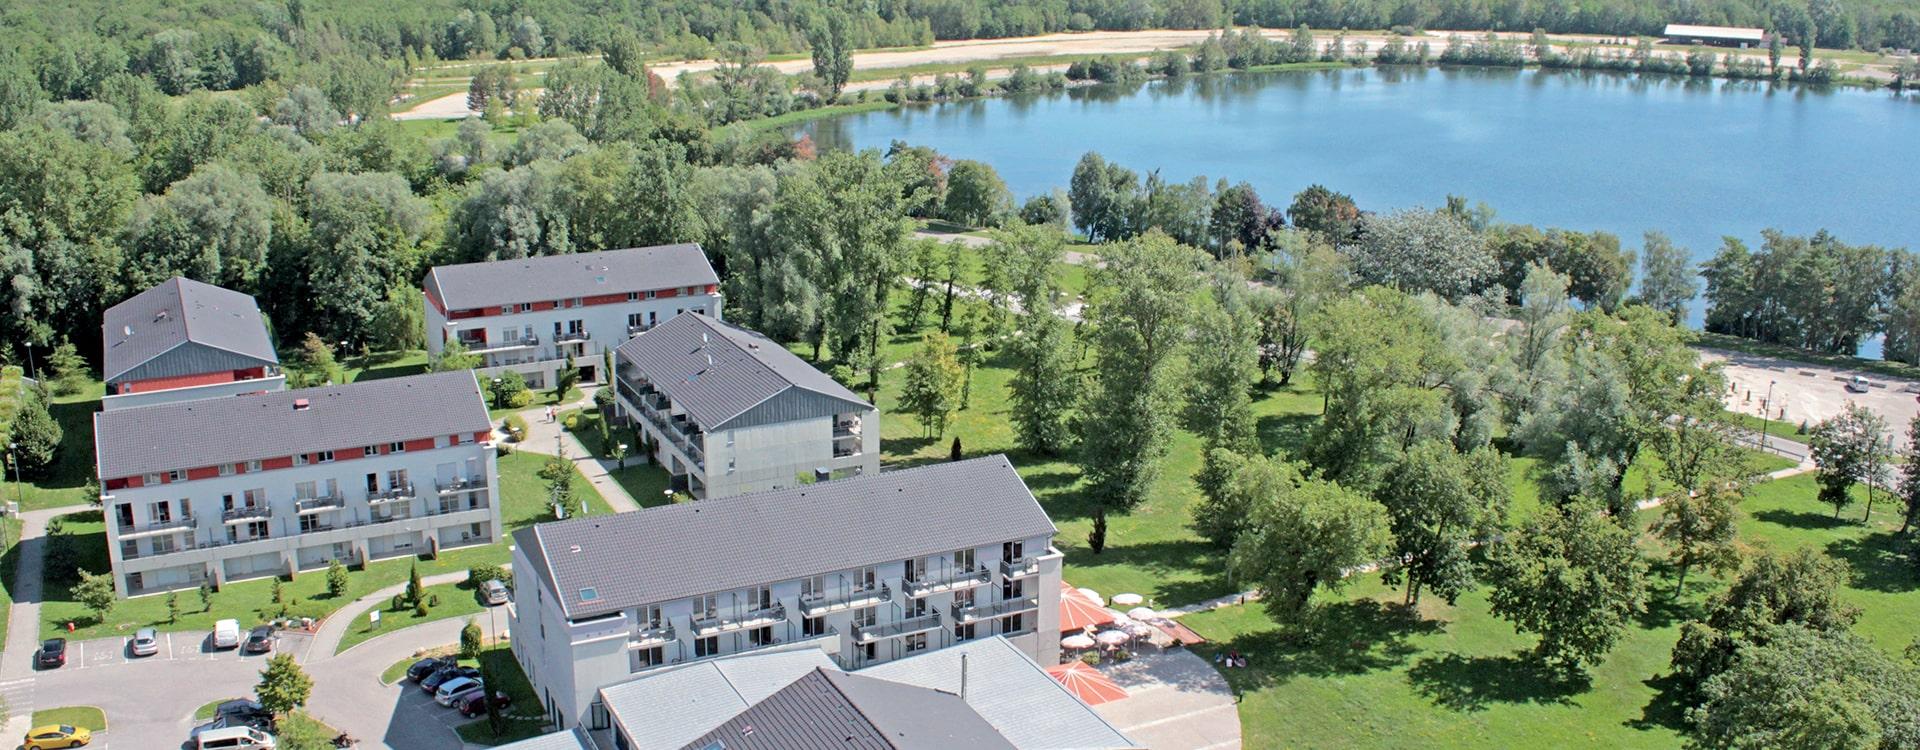 Villa du Lac exterieur